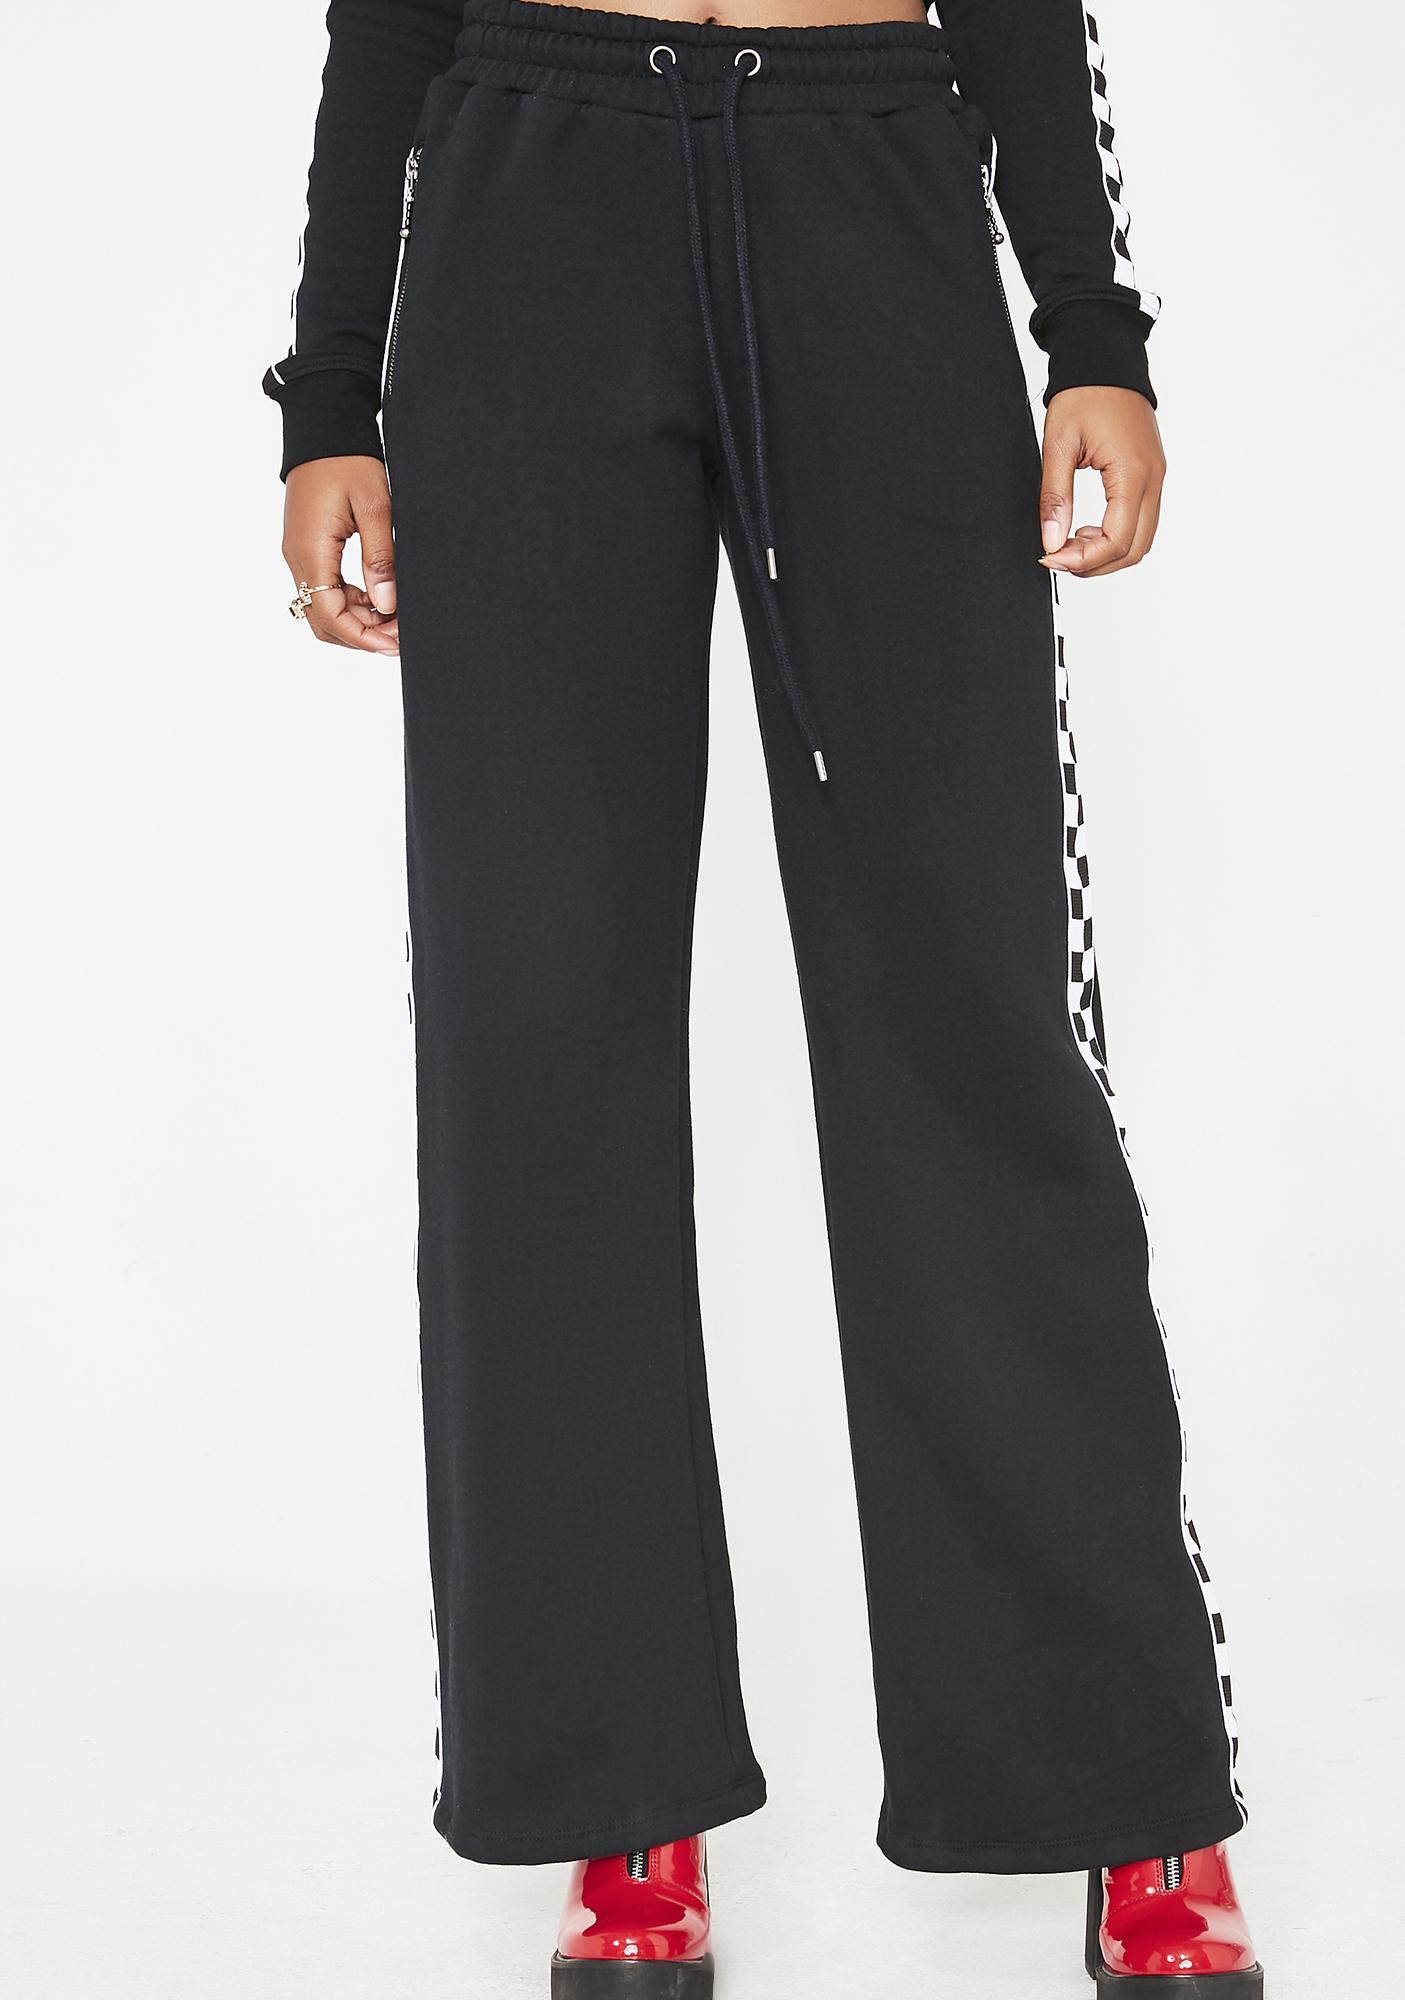 Dickies Girl Checkered Side Stripe Skinny Work Pants